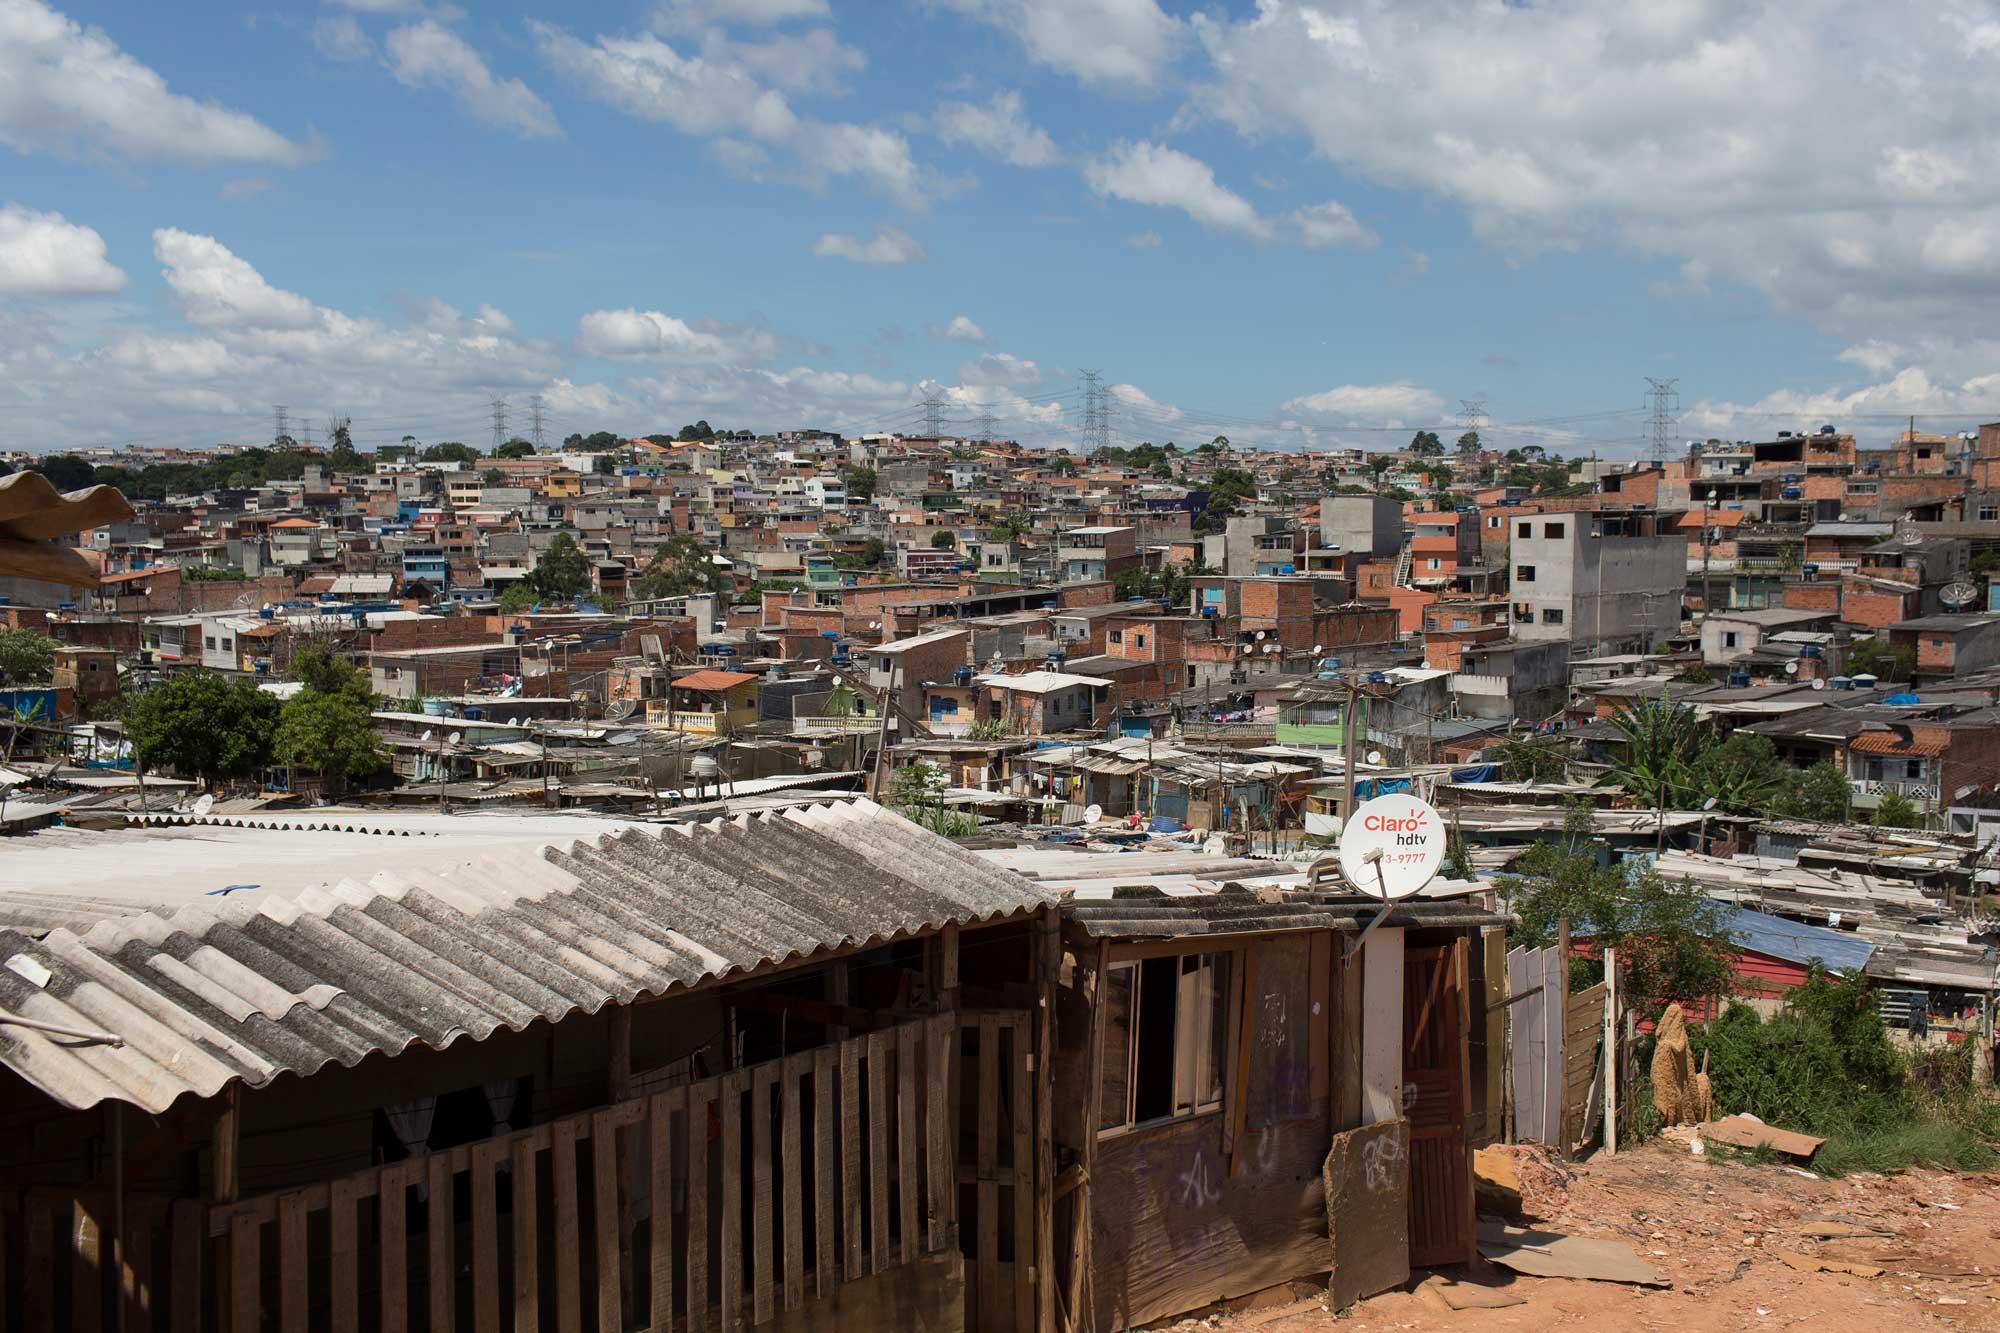 Ocupacão Anchieta, en Sao Paulo, Brasil. Crédito de foto: Bruno Kelly